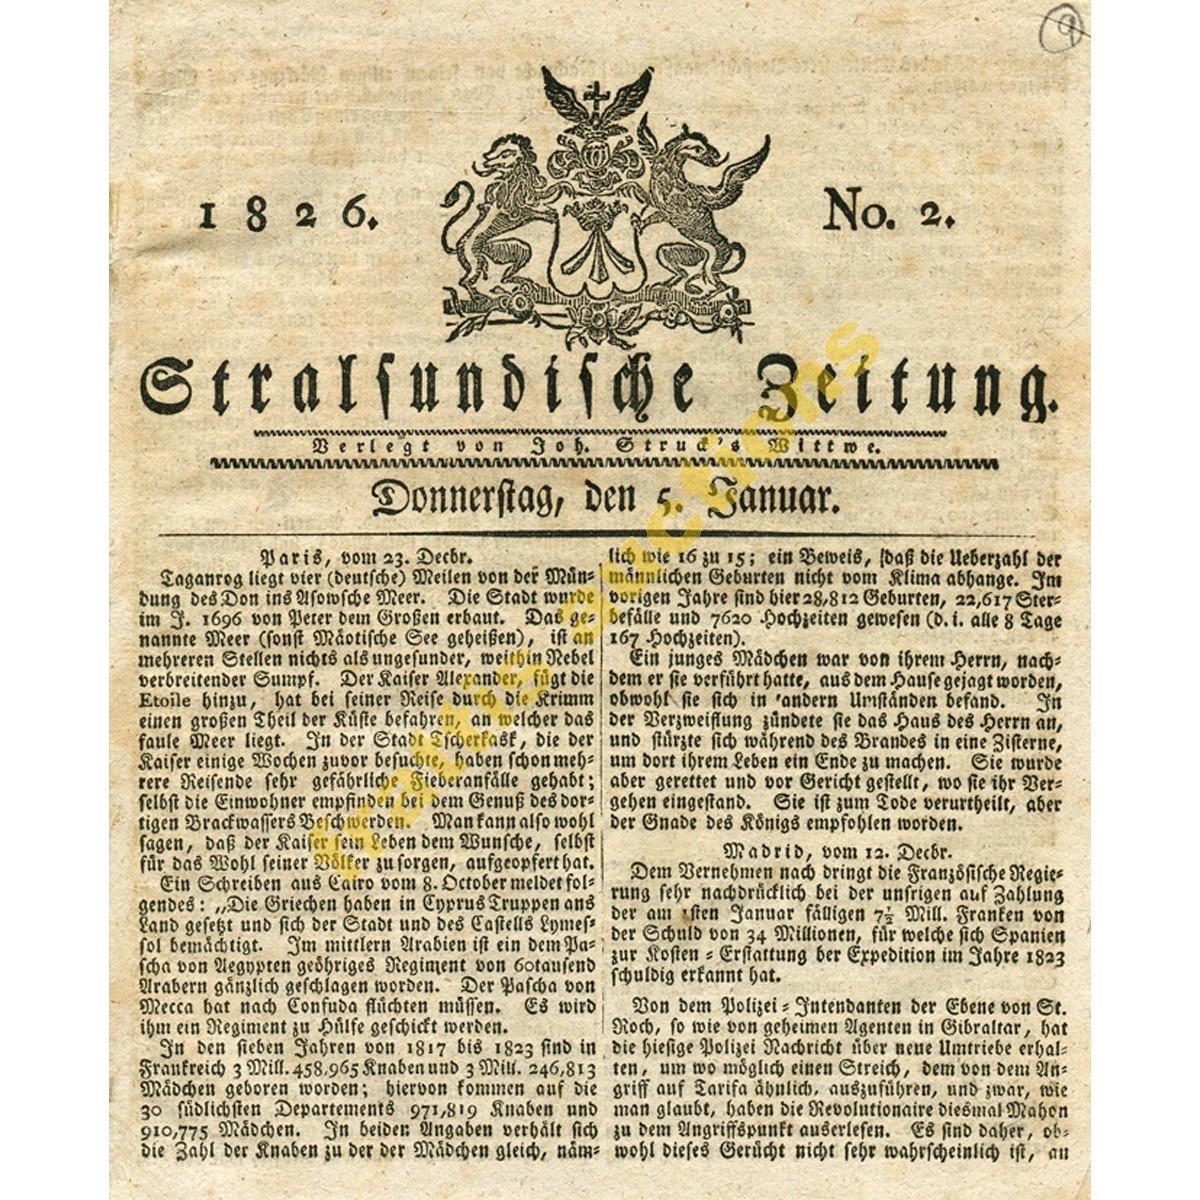 STRALSUNDISCHE ZEITUNG Νο. 2, 5 Ιαν. 1826